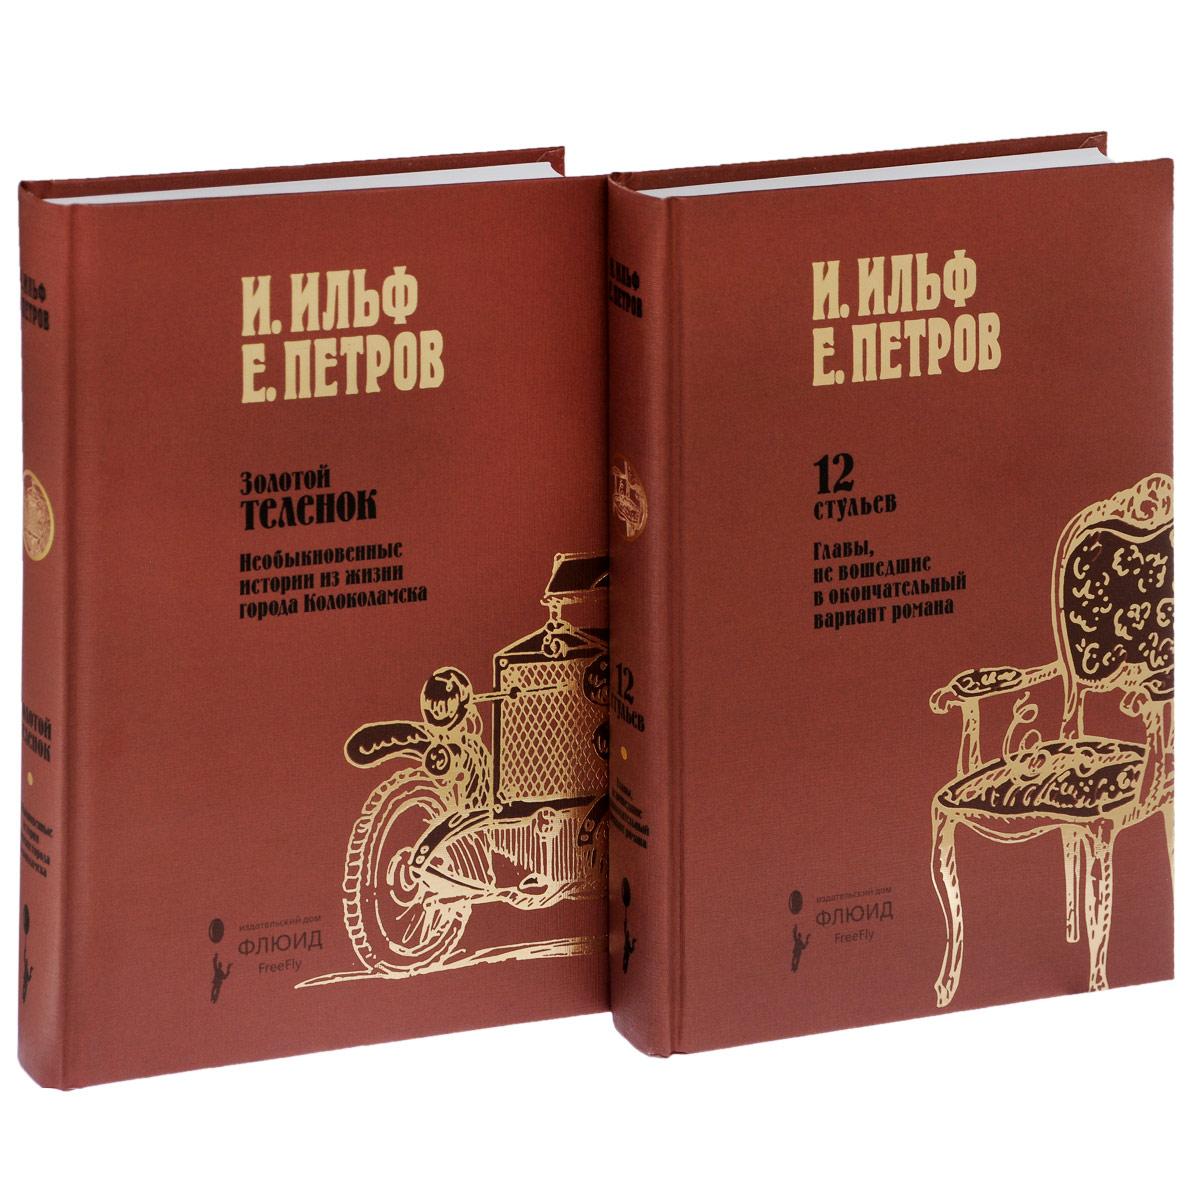 Илья Ильф, Евгений Петров Илья Ильф, Евгений Петров. Собрание сочинений. В 2 томах (комплект из 2 книг)